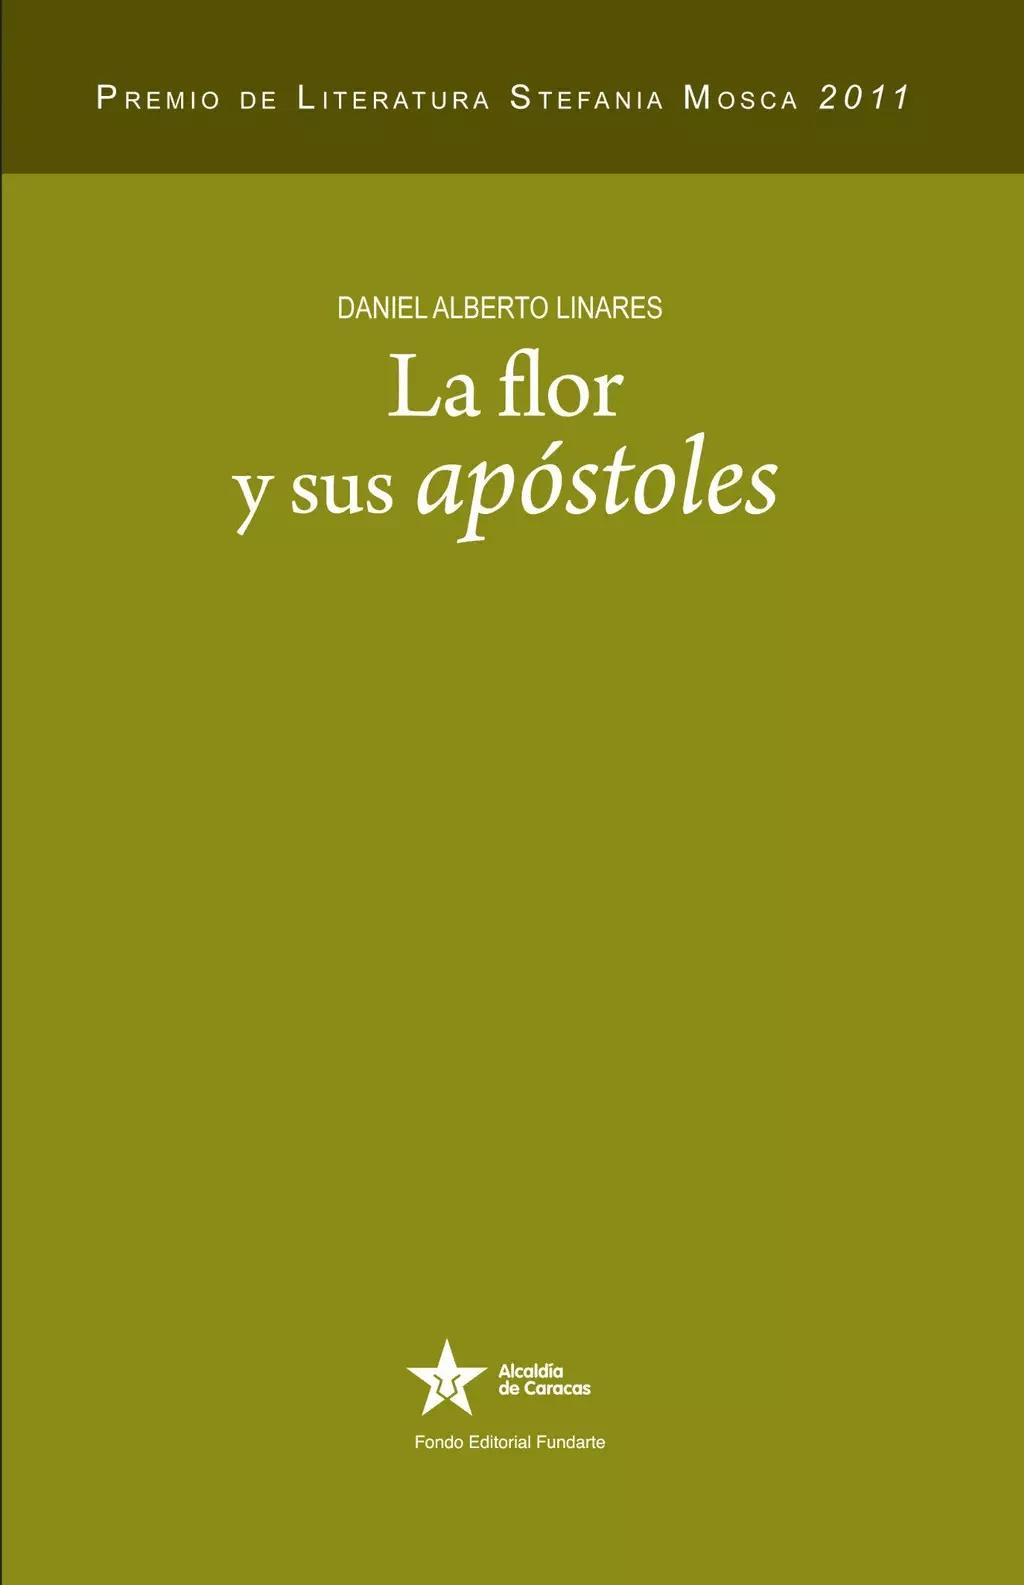 La flor y sus apostoles